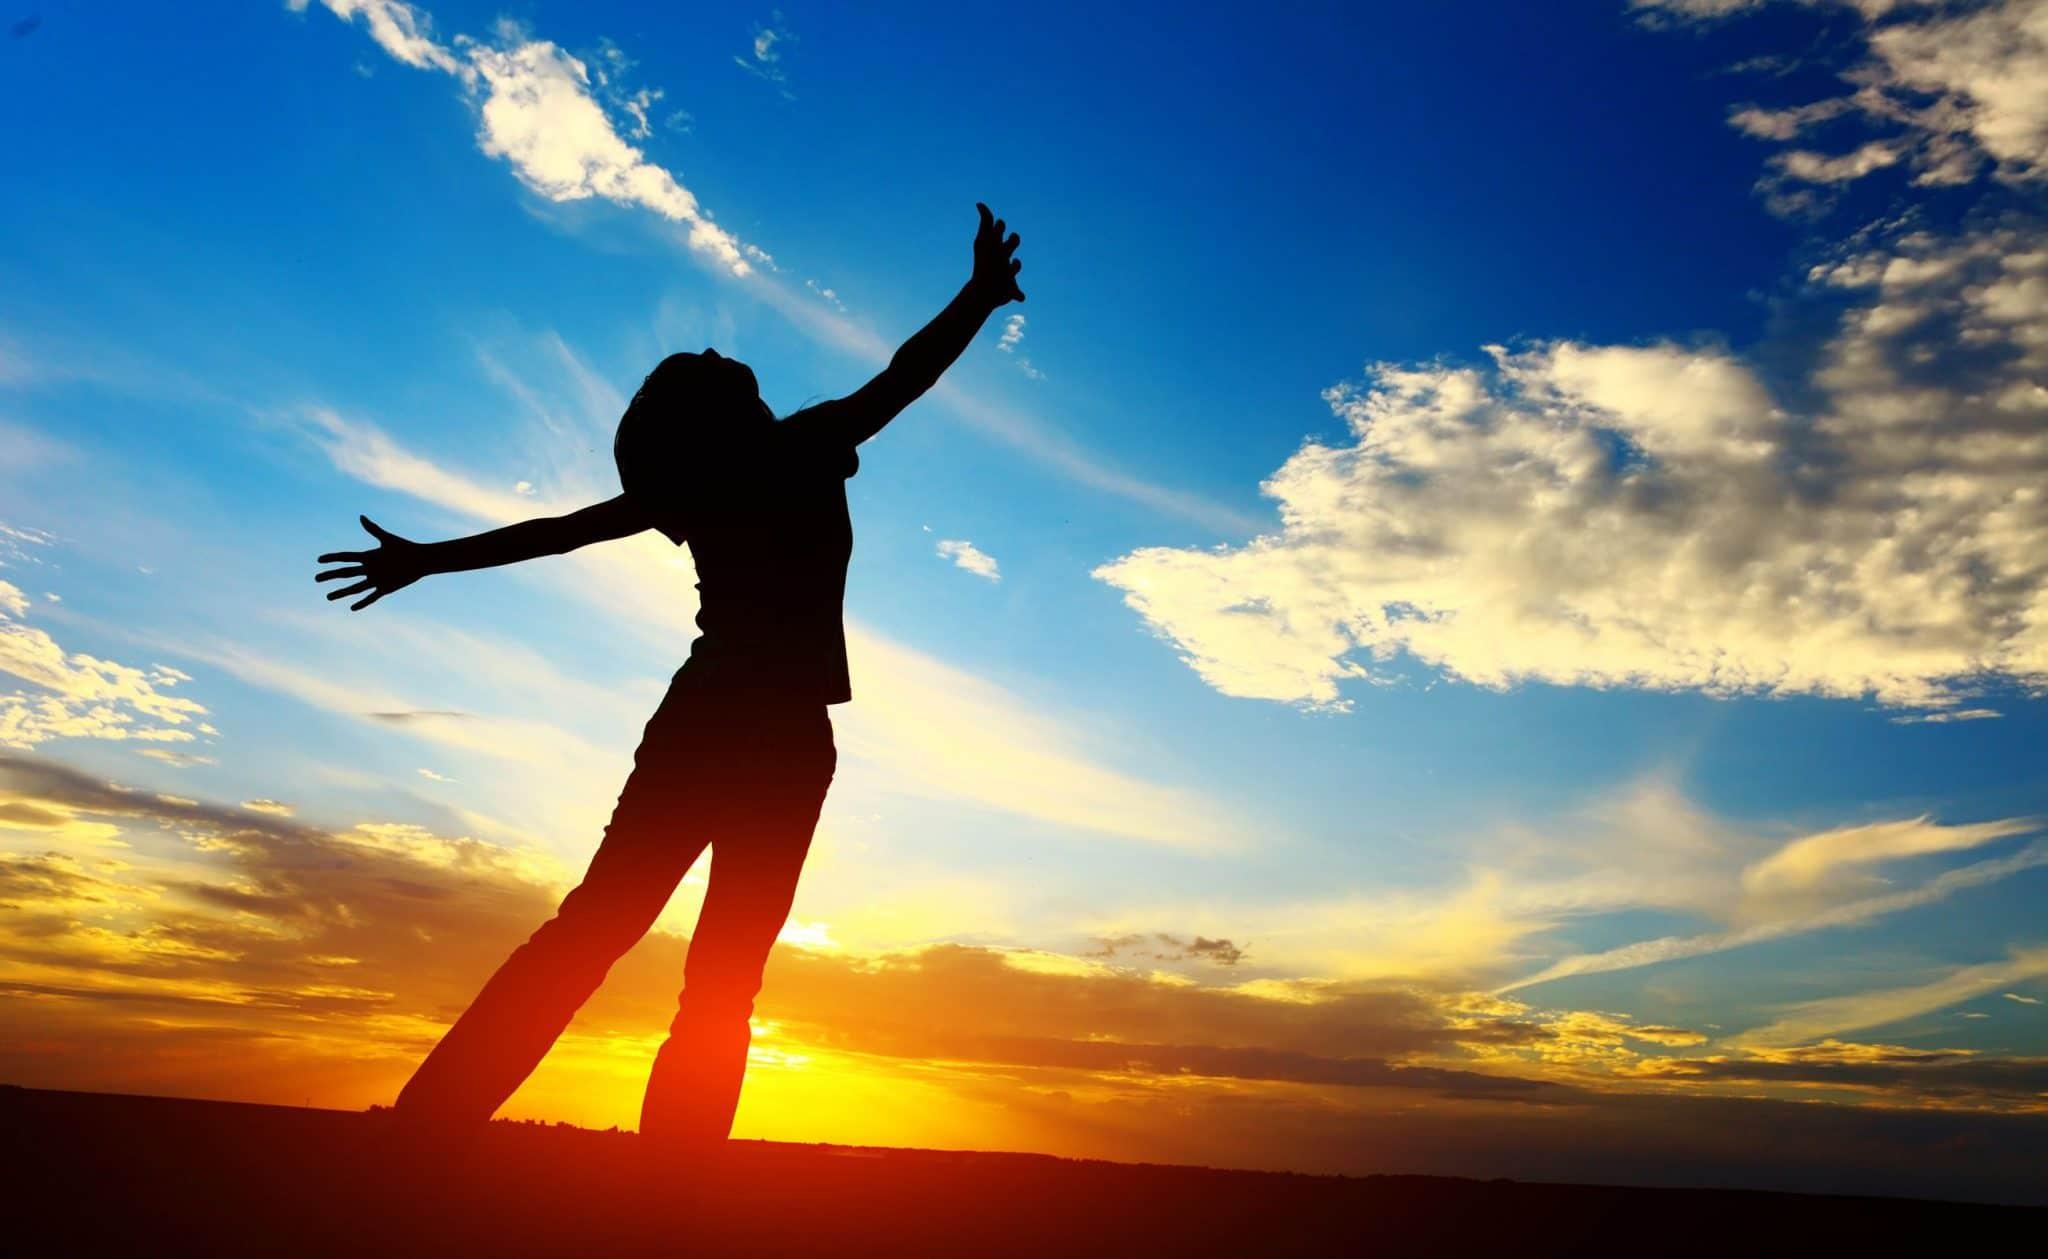 Silhueta de pessoa em pé, braços abertos em cruz, mãos espalmadas e cabeça voltada ao alto. Ao fundo, o céu com nuvens claras e o sol poente.